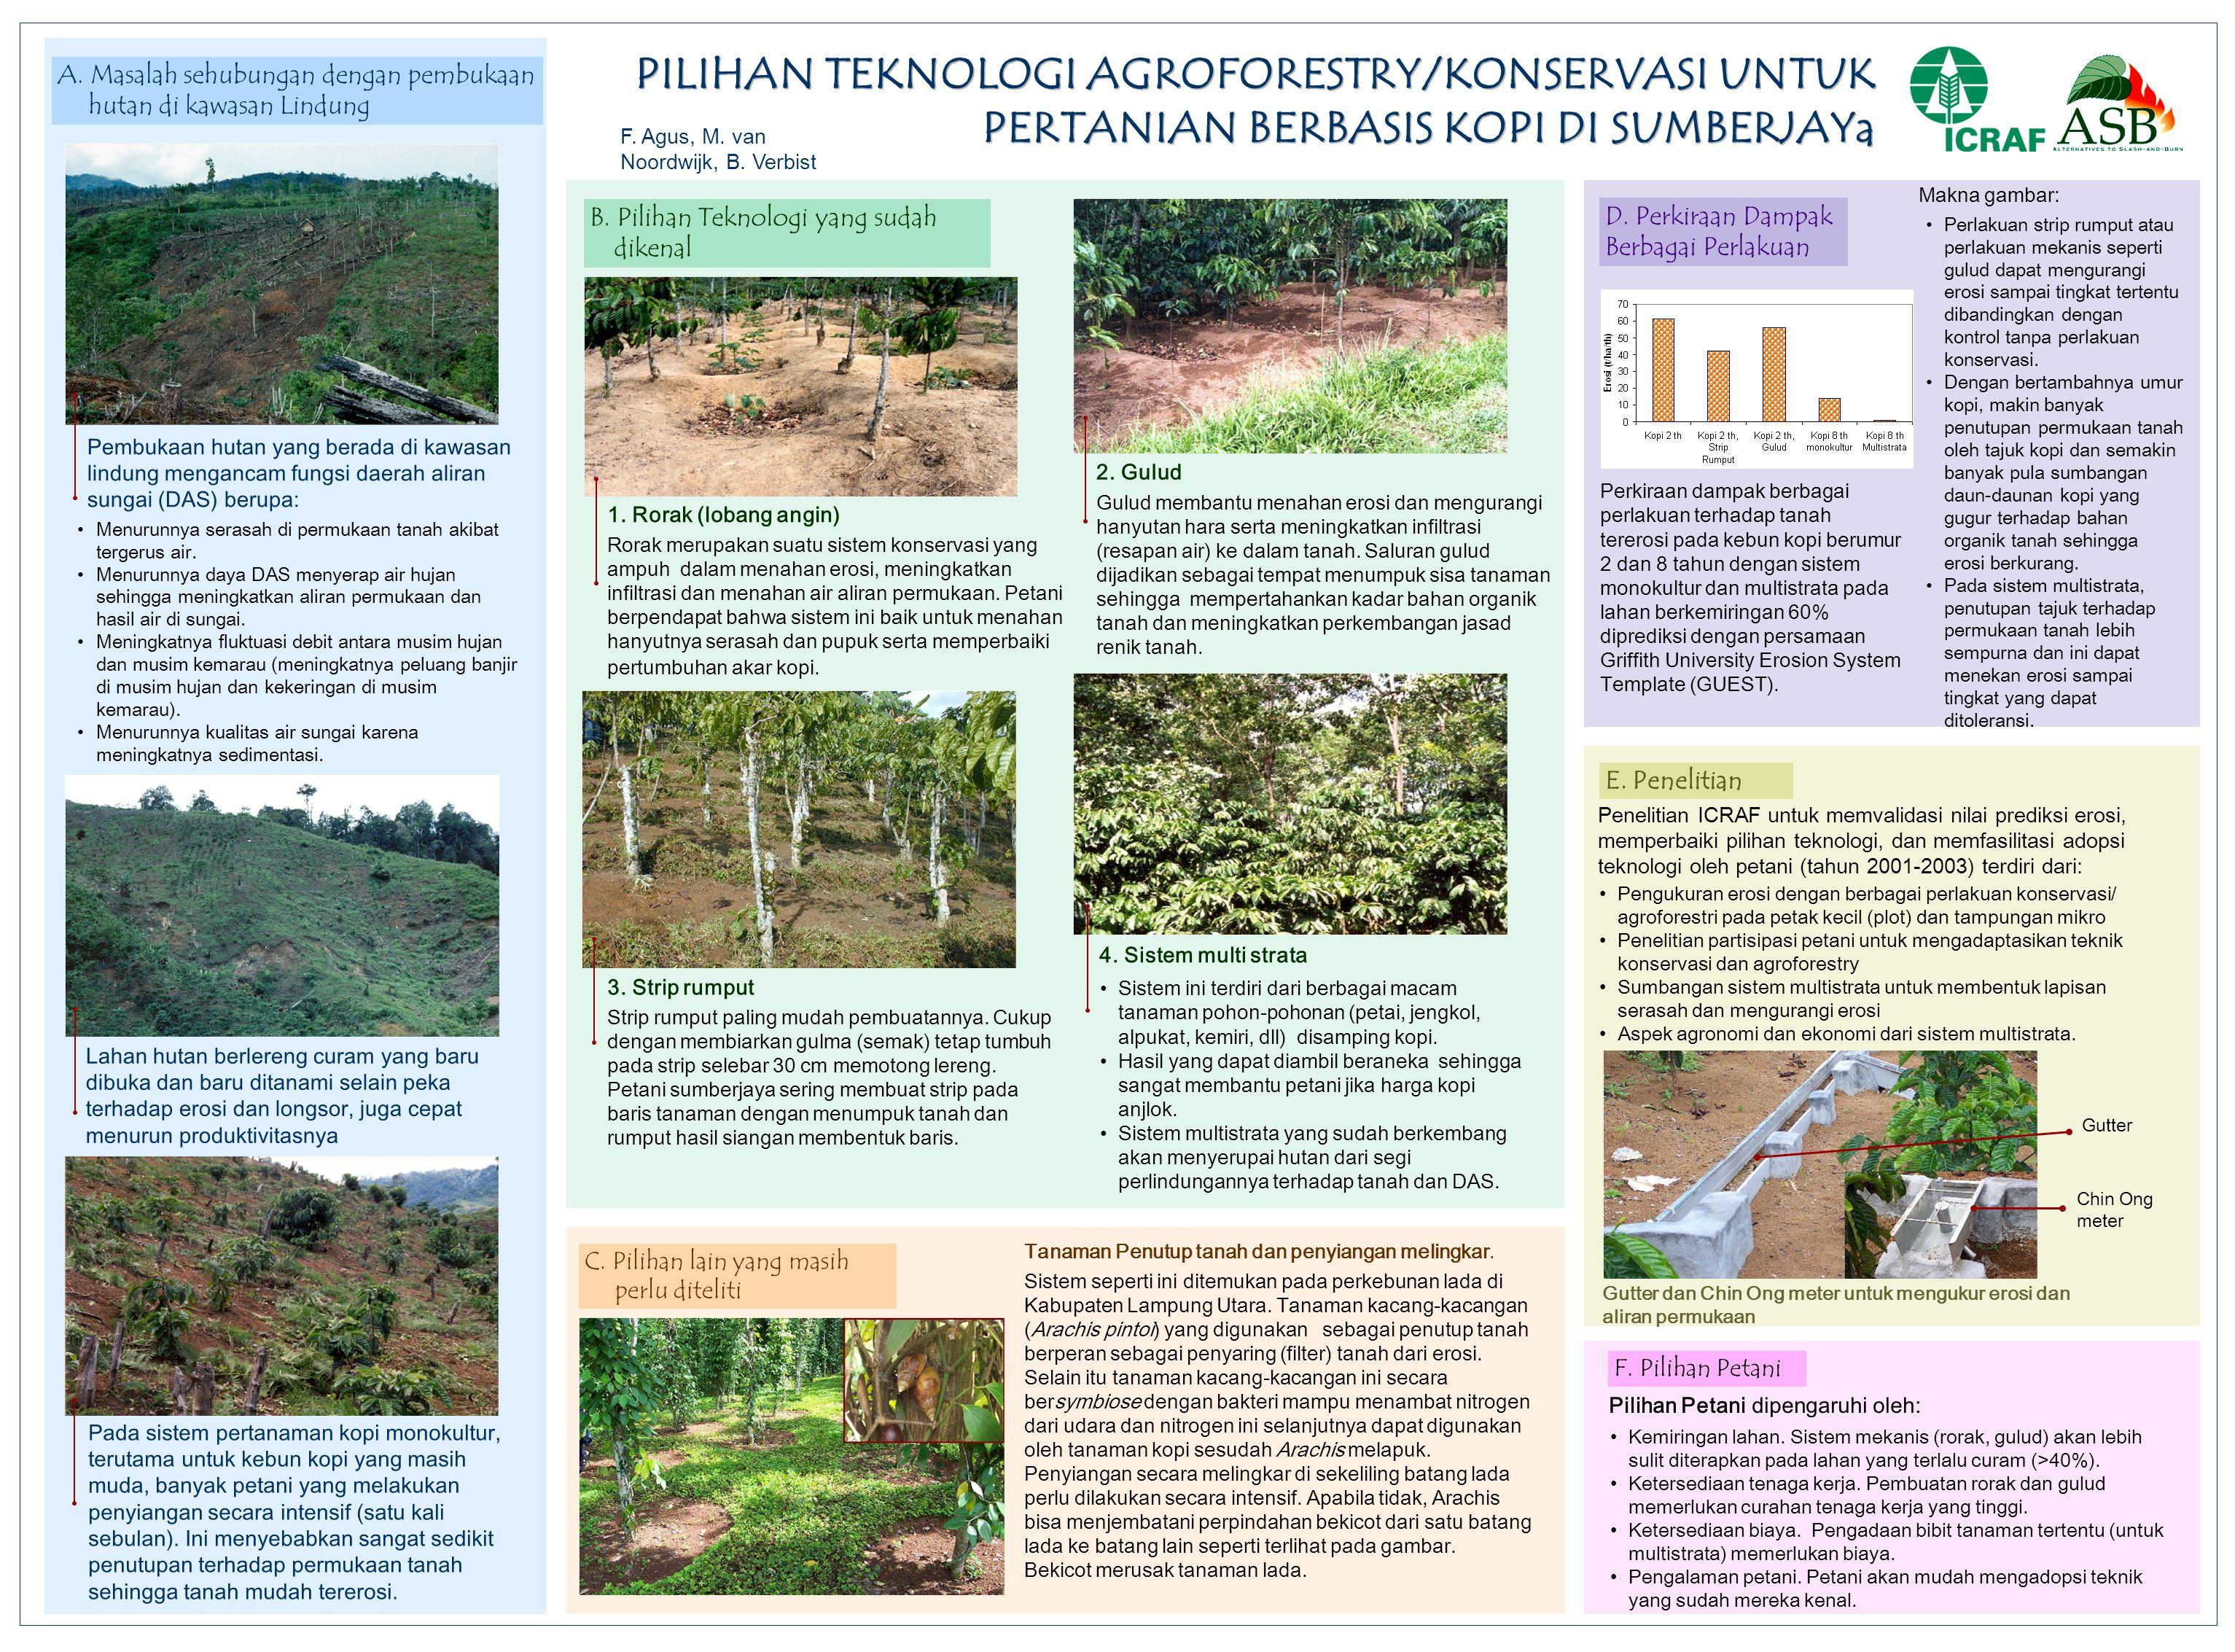 Lahan hutan berlereng curam yang baru dibuka dan baru ditanami selain peka terhadap erosi dan longsor, juga cepat menurun produktivitasnya •Menurunnya